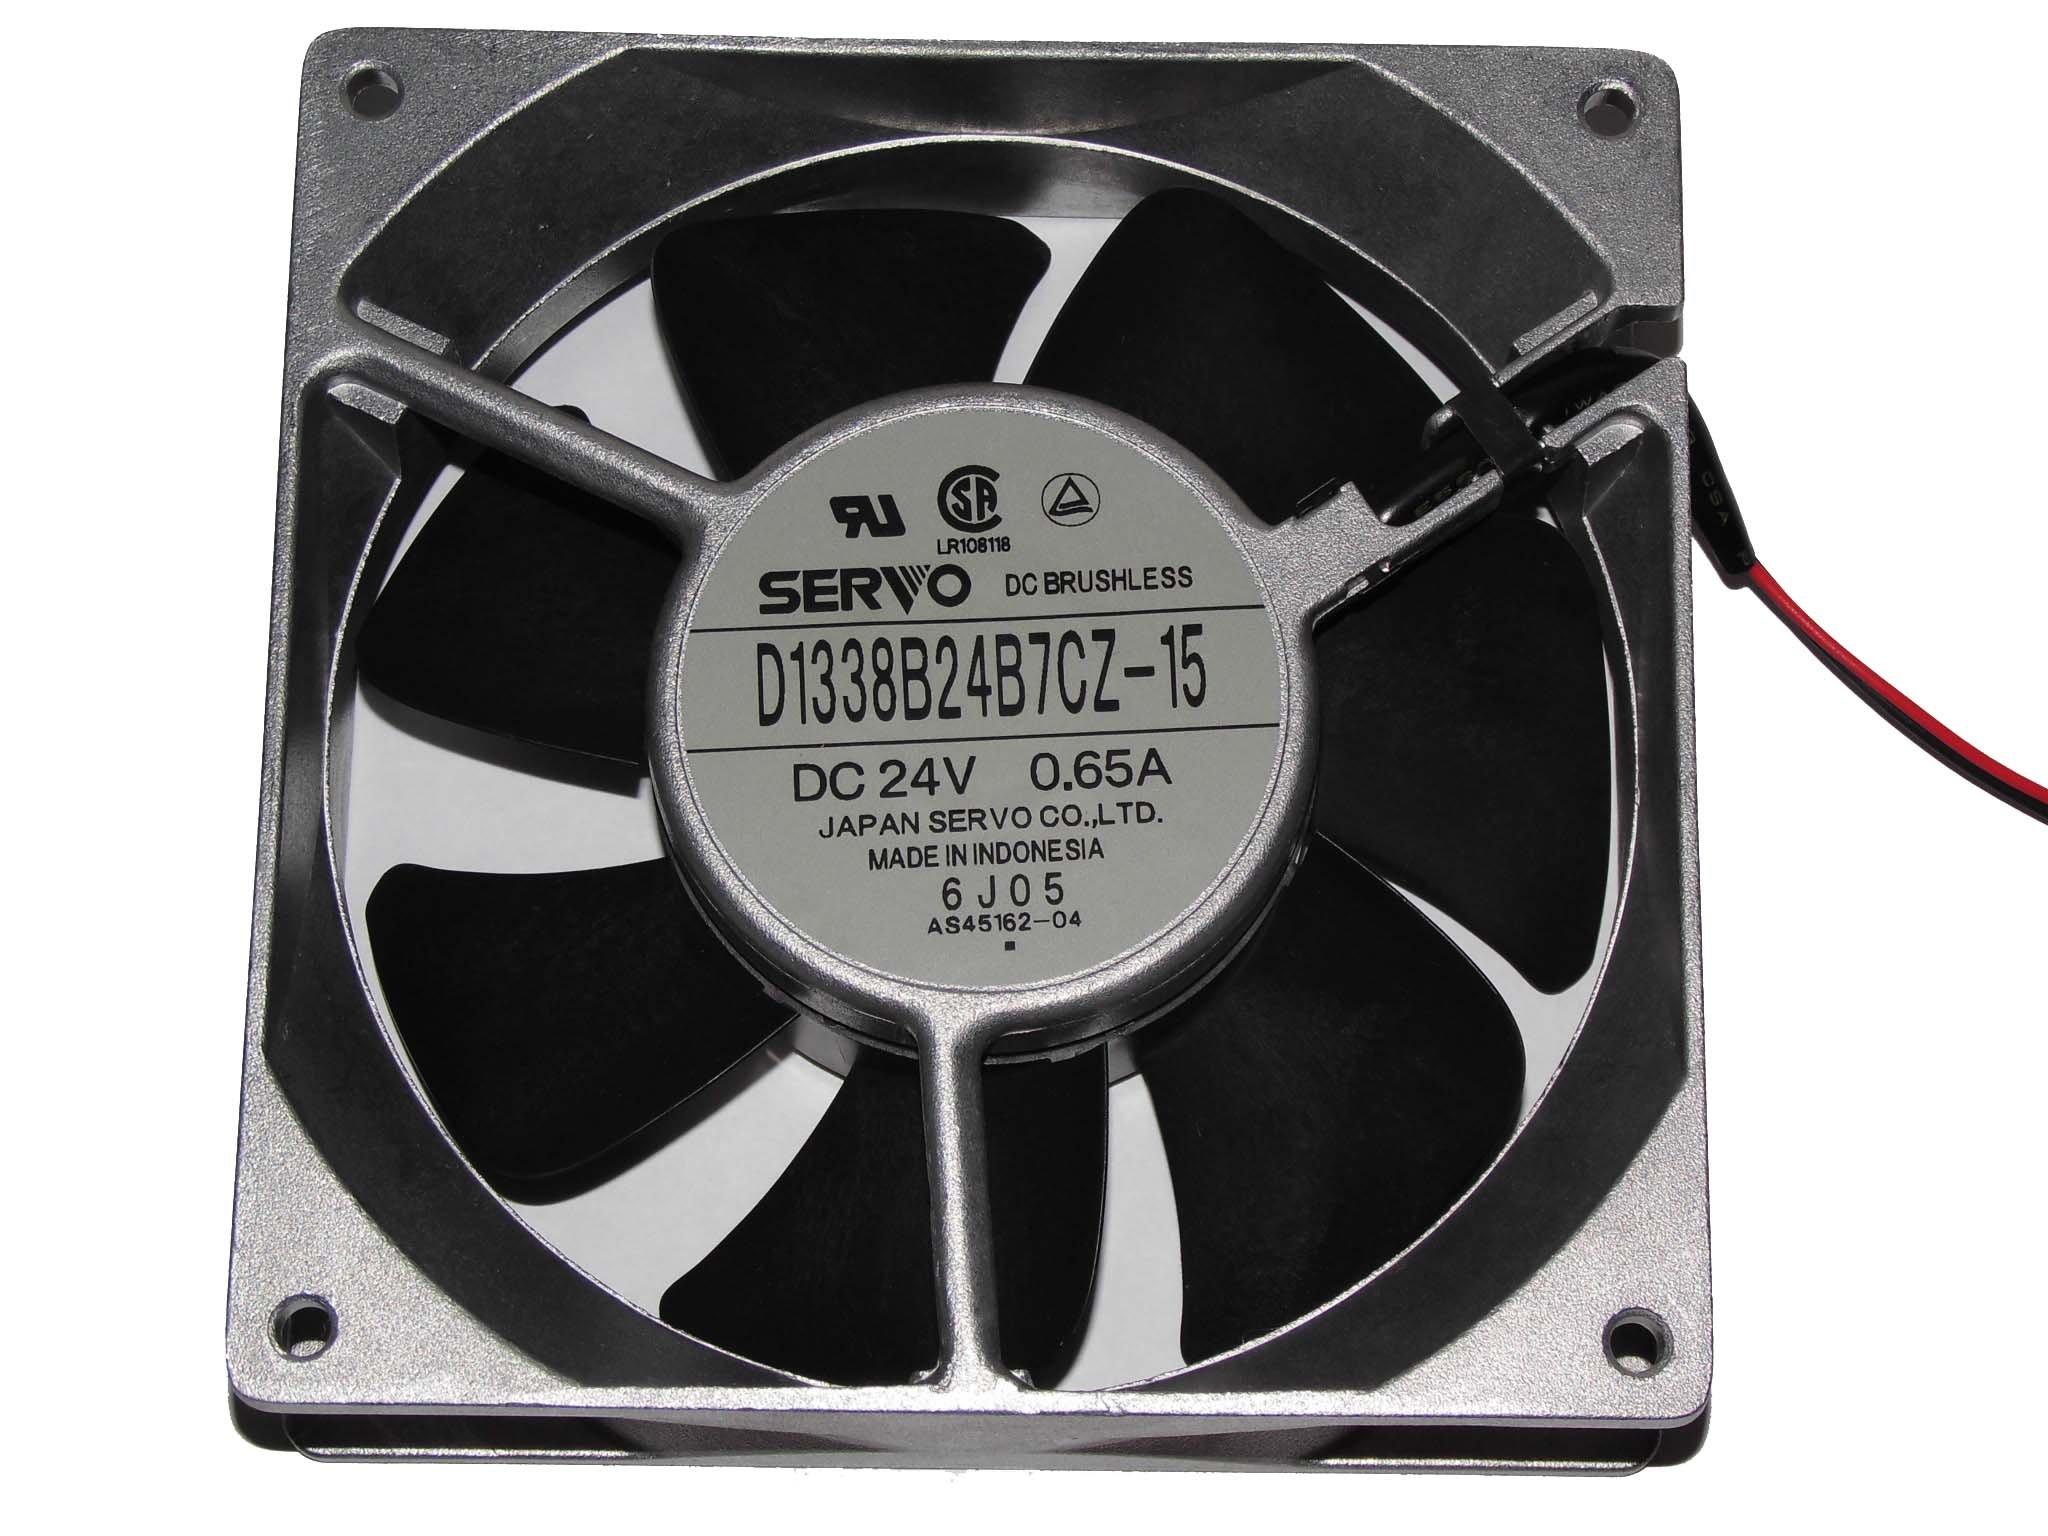 Hitachi SJ300/L300P Fan,Servo D1338B24B7CZ-15 DC24V 0.65A 2Wire frequency converter Fan